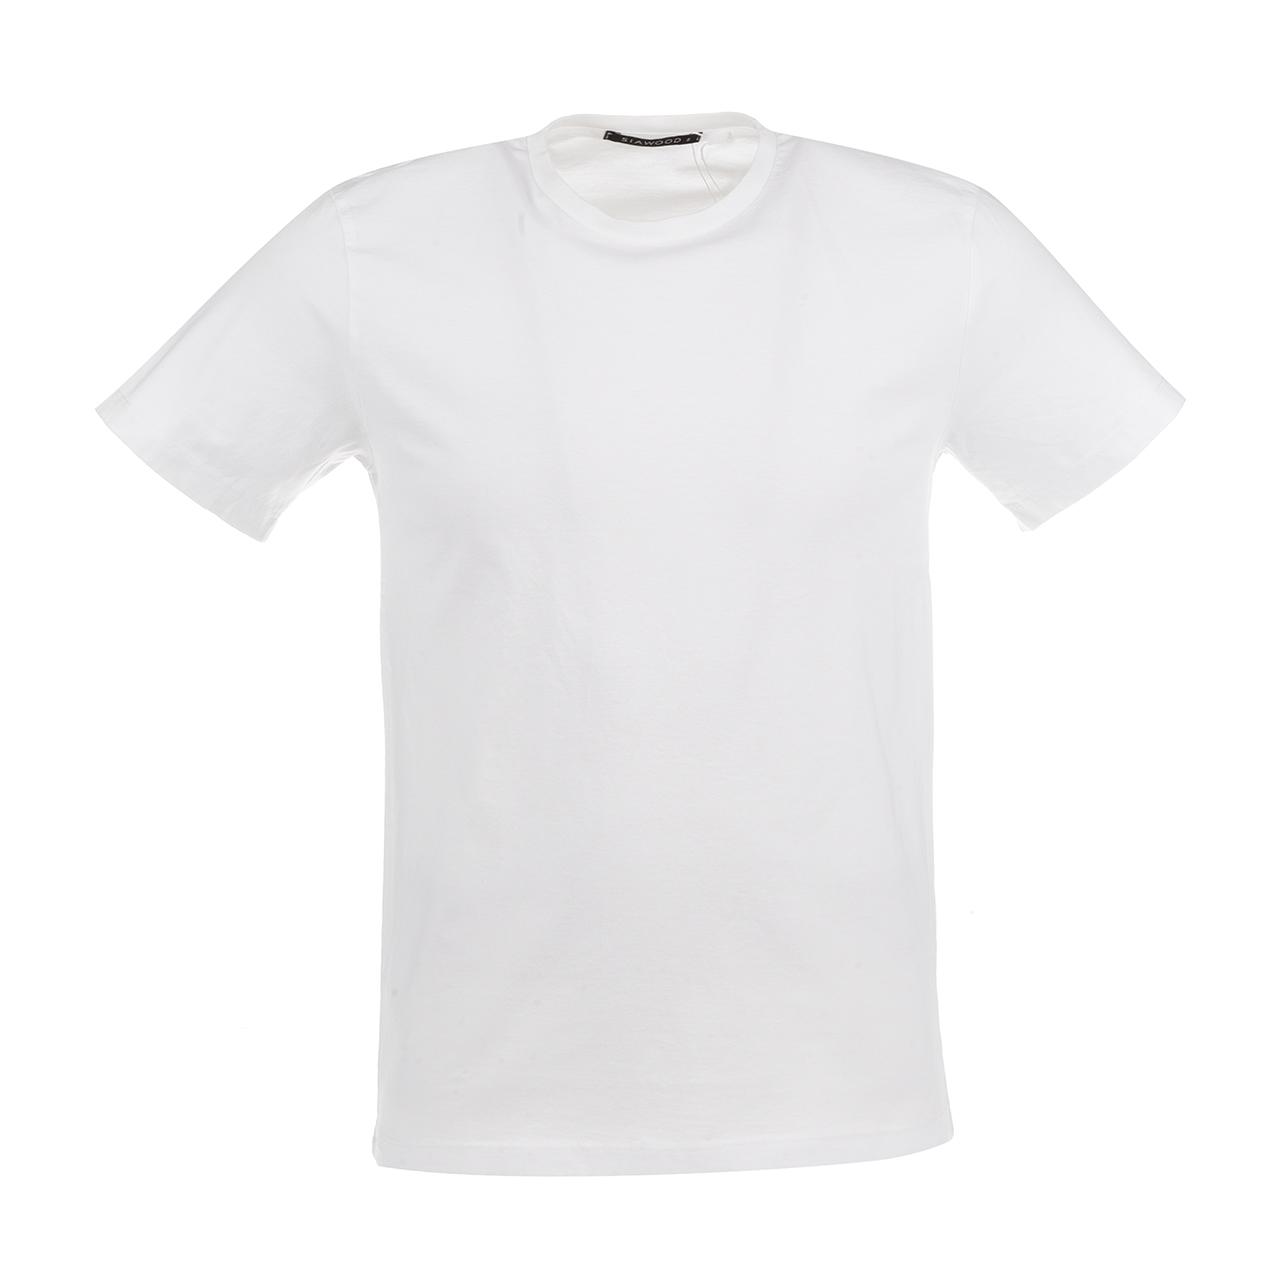 تی شرت مردانه سیاوود مدل CNECK-SIMPIE-62814 کد W0000 رنگ سفید